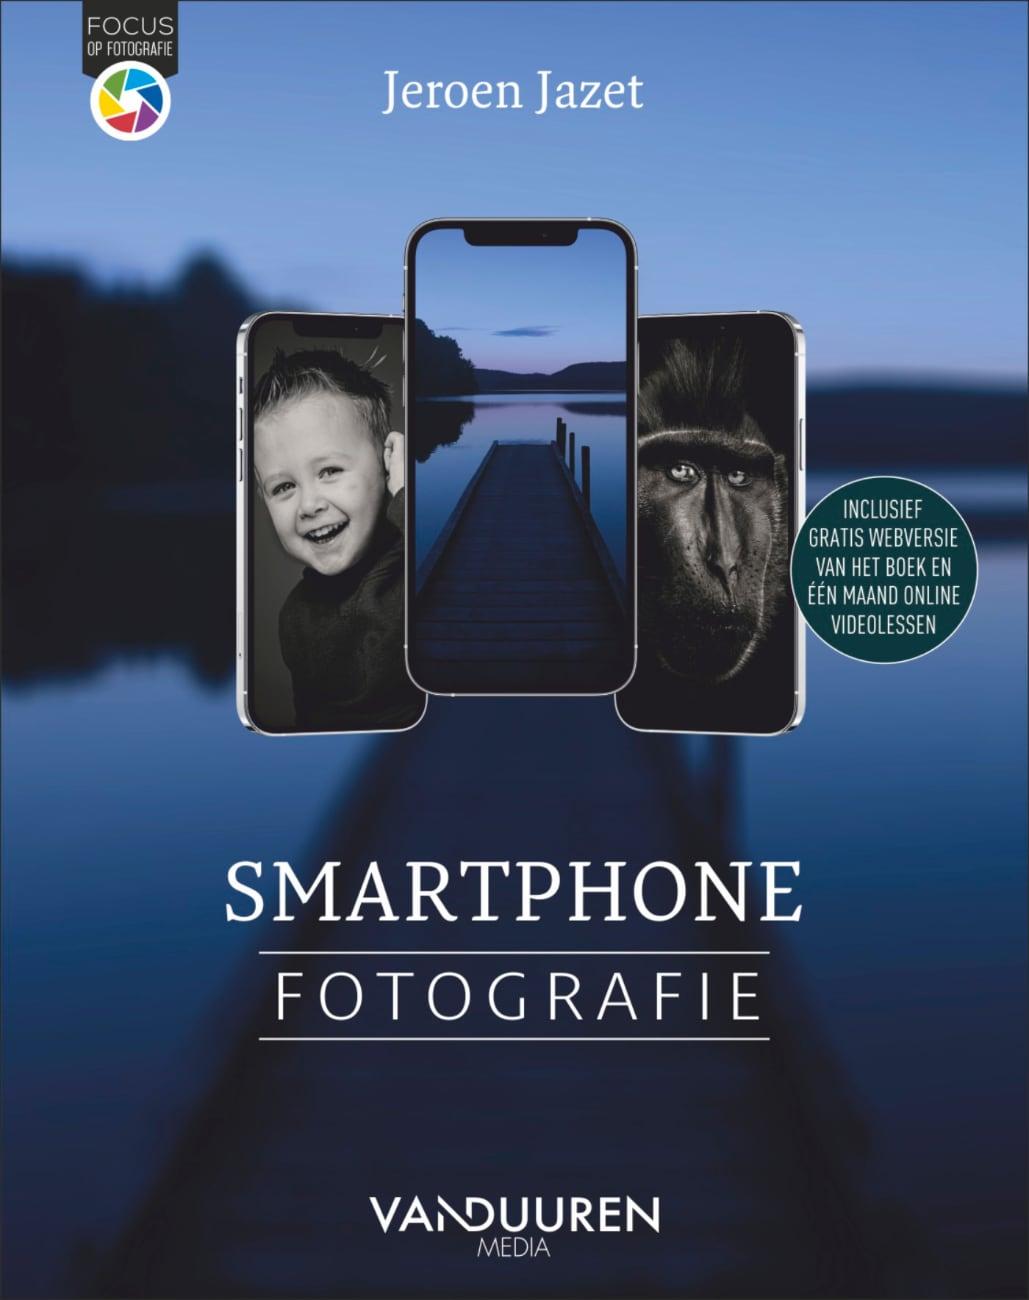 Fotoboek: Focus op Fotografie - Smartphonefotografie door Jeroen Jazet